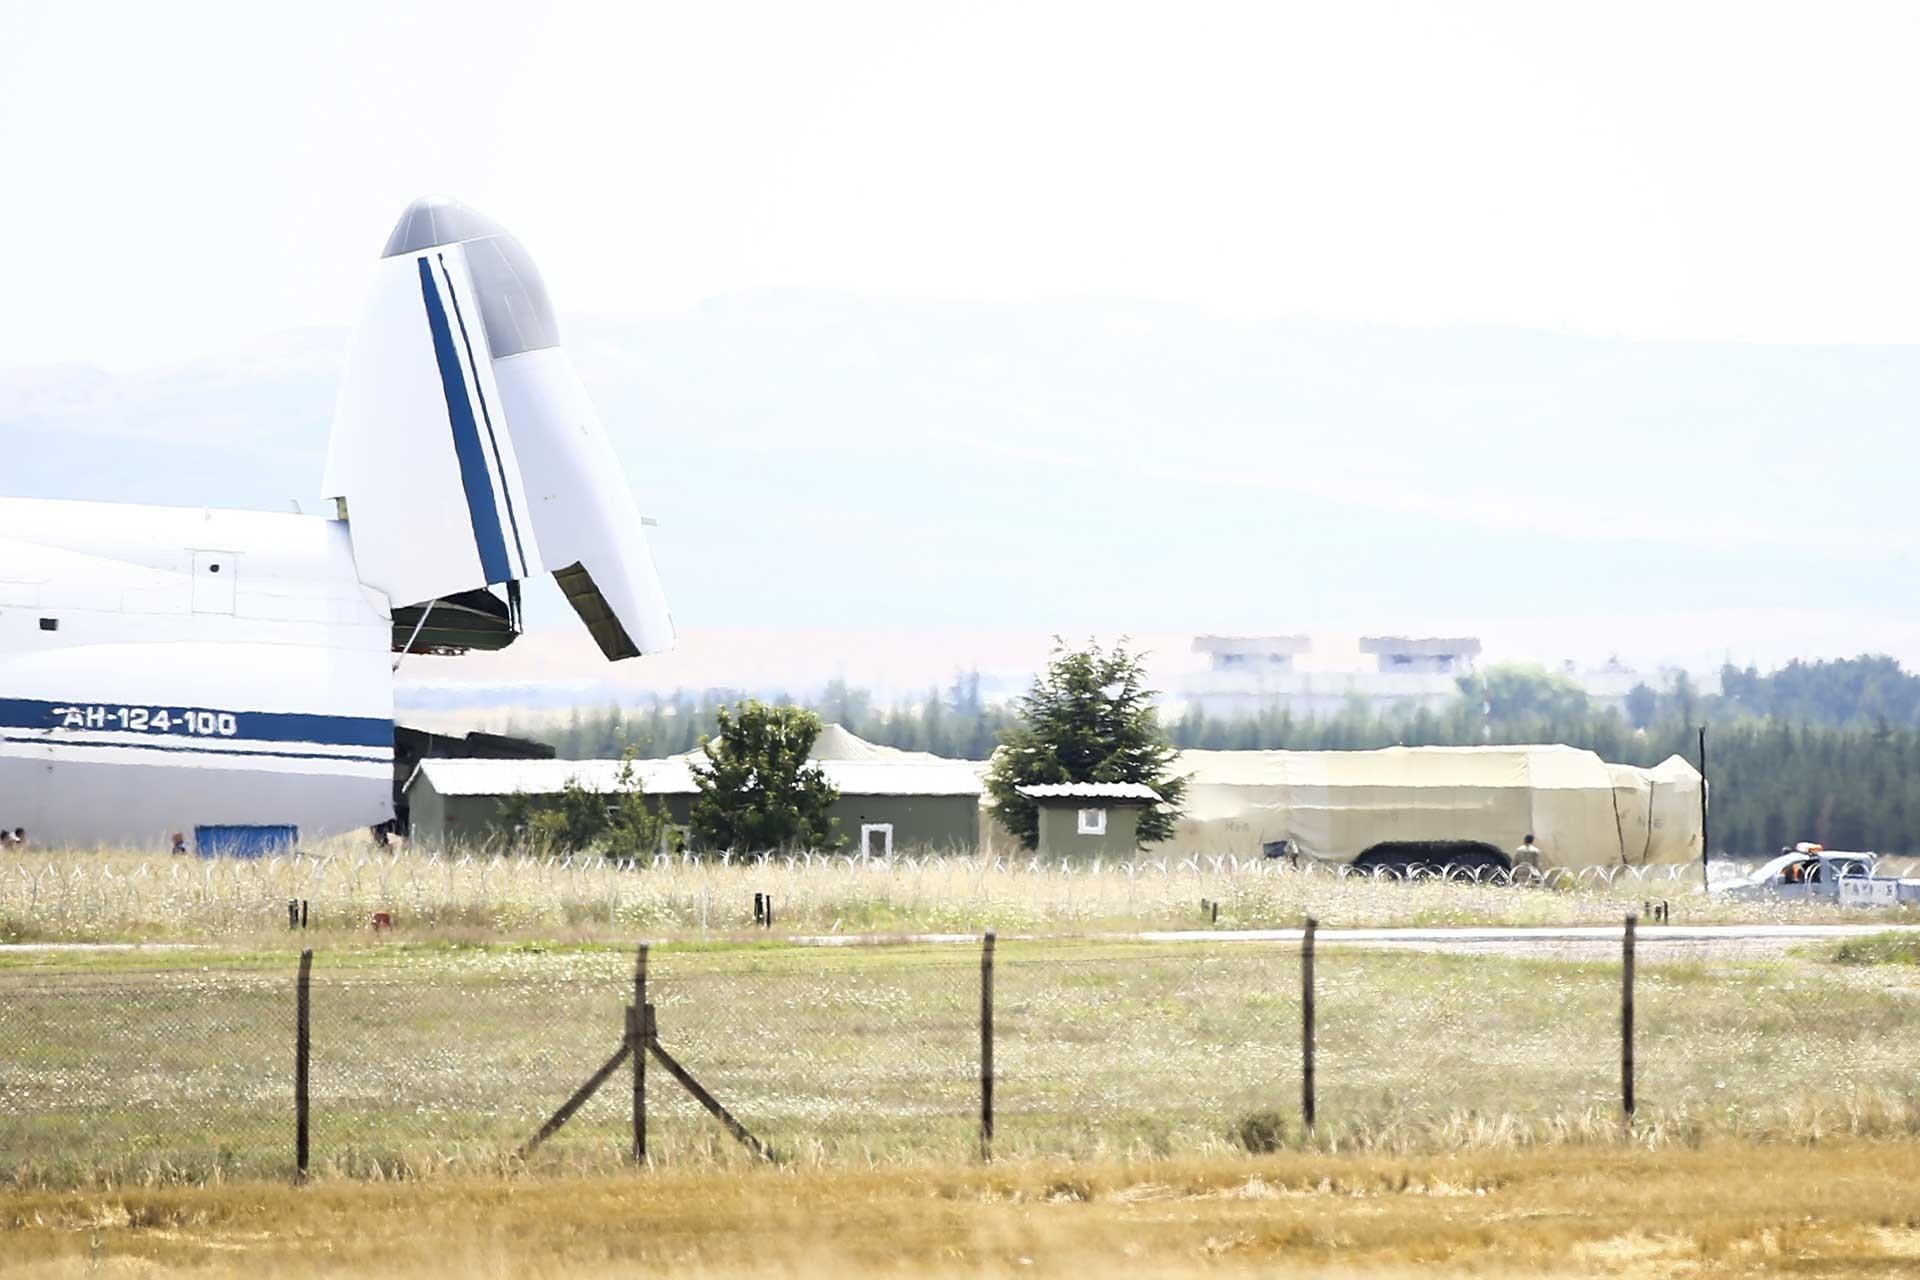 S-400 hava savunma sisteminin teslimatı devam ediyor